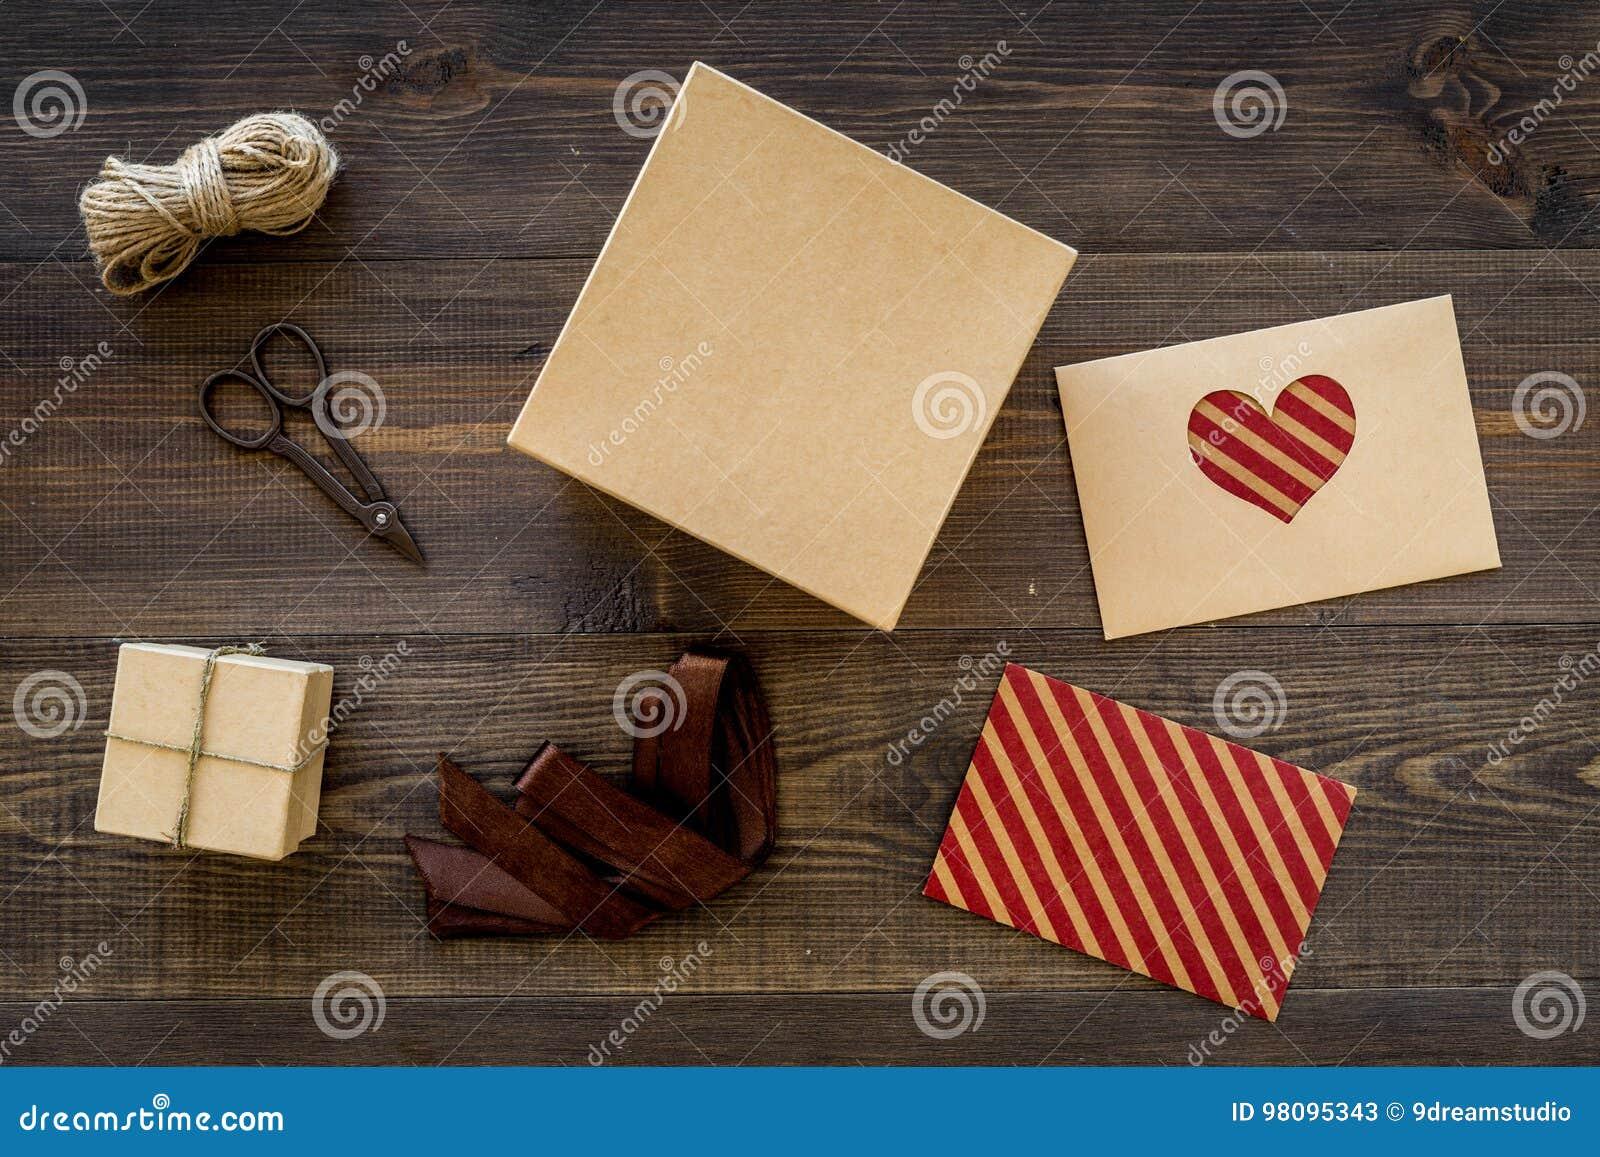 To Wrap Gift  Box, Kraft Paper, Envelope, Greeting Card, Ribbon